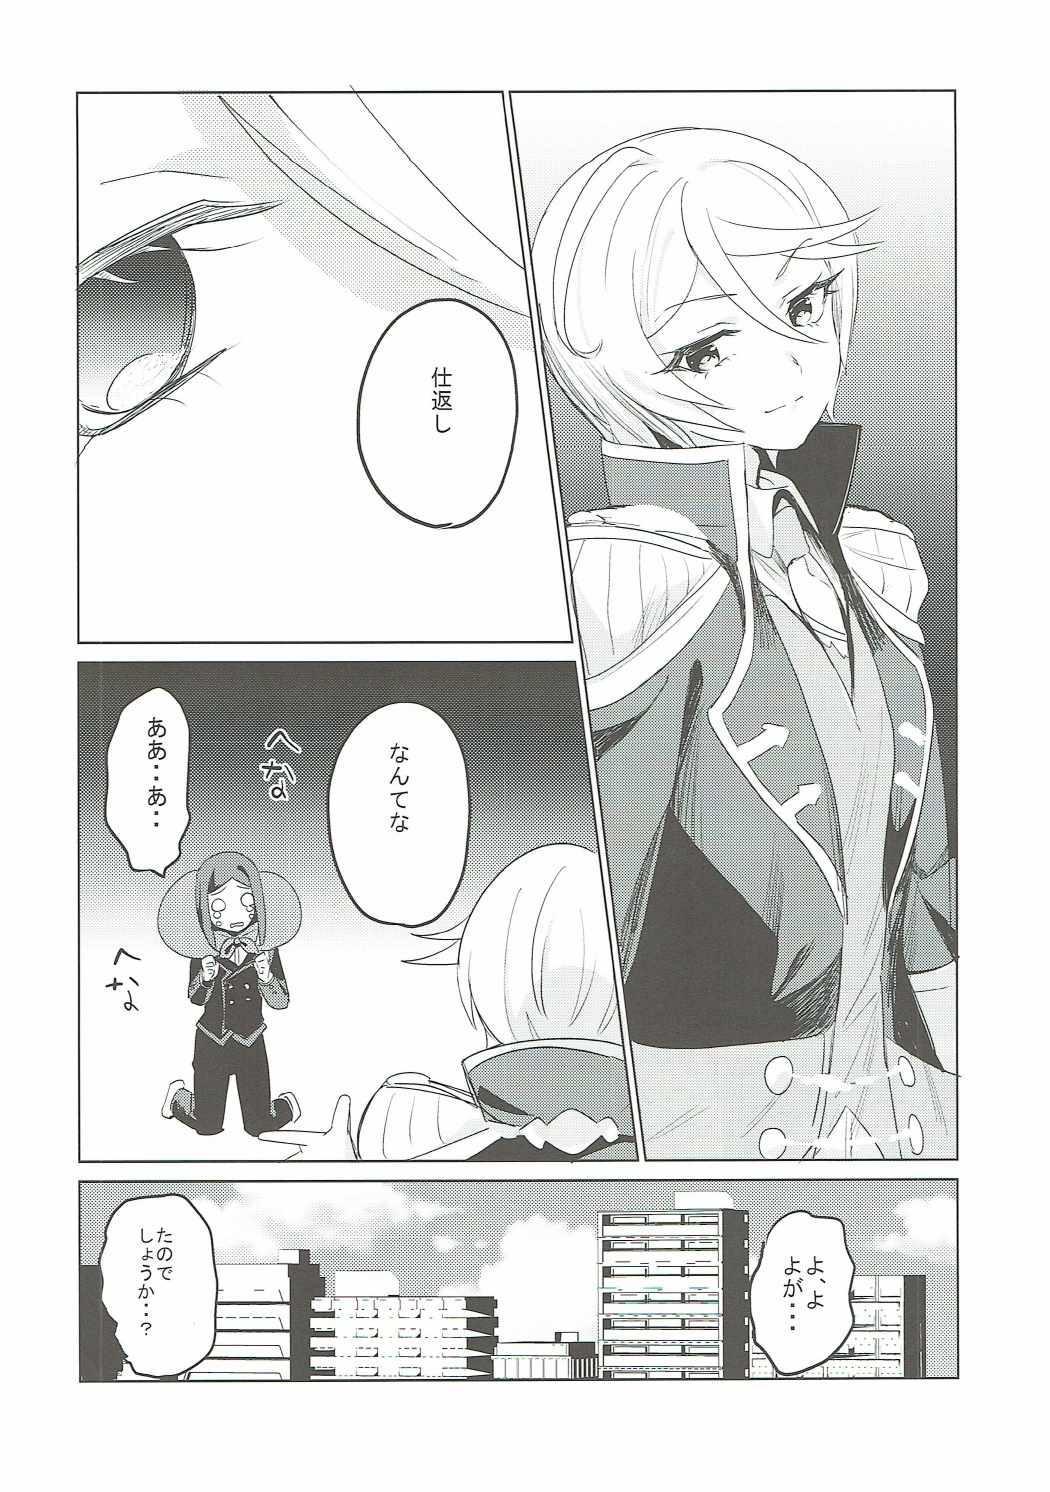 Soshitara Zenbu Yurushite Yaru 30